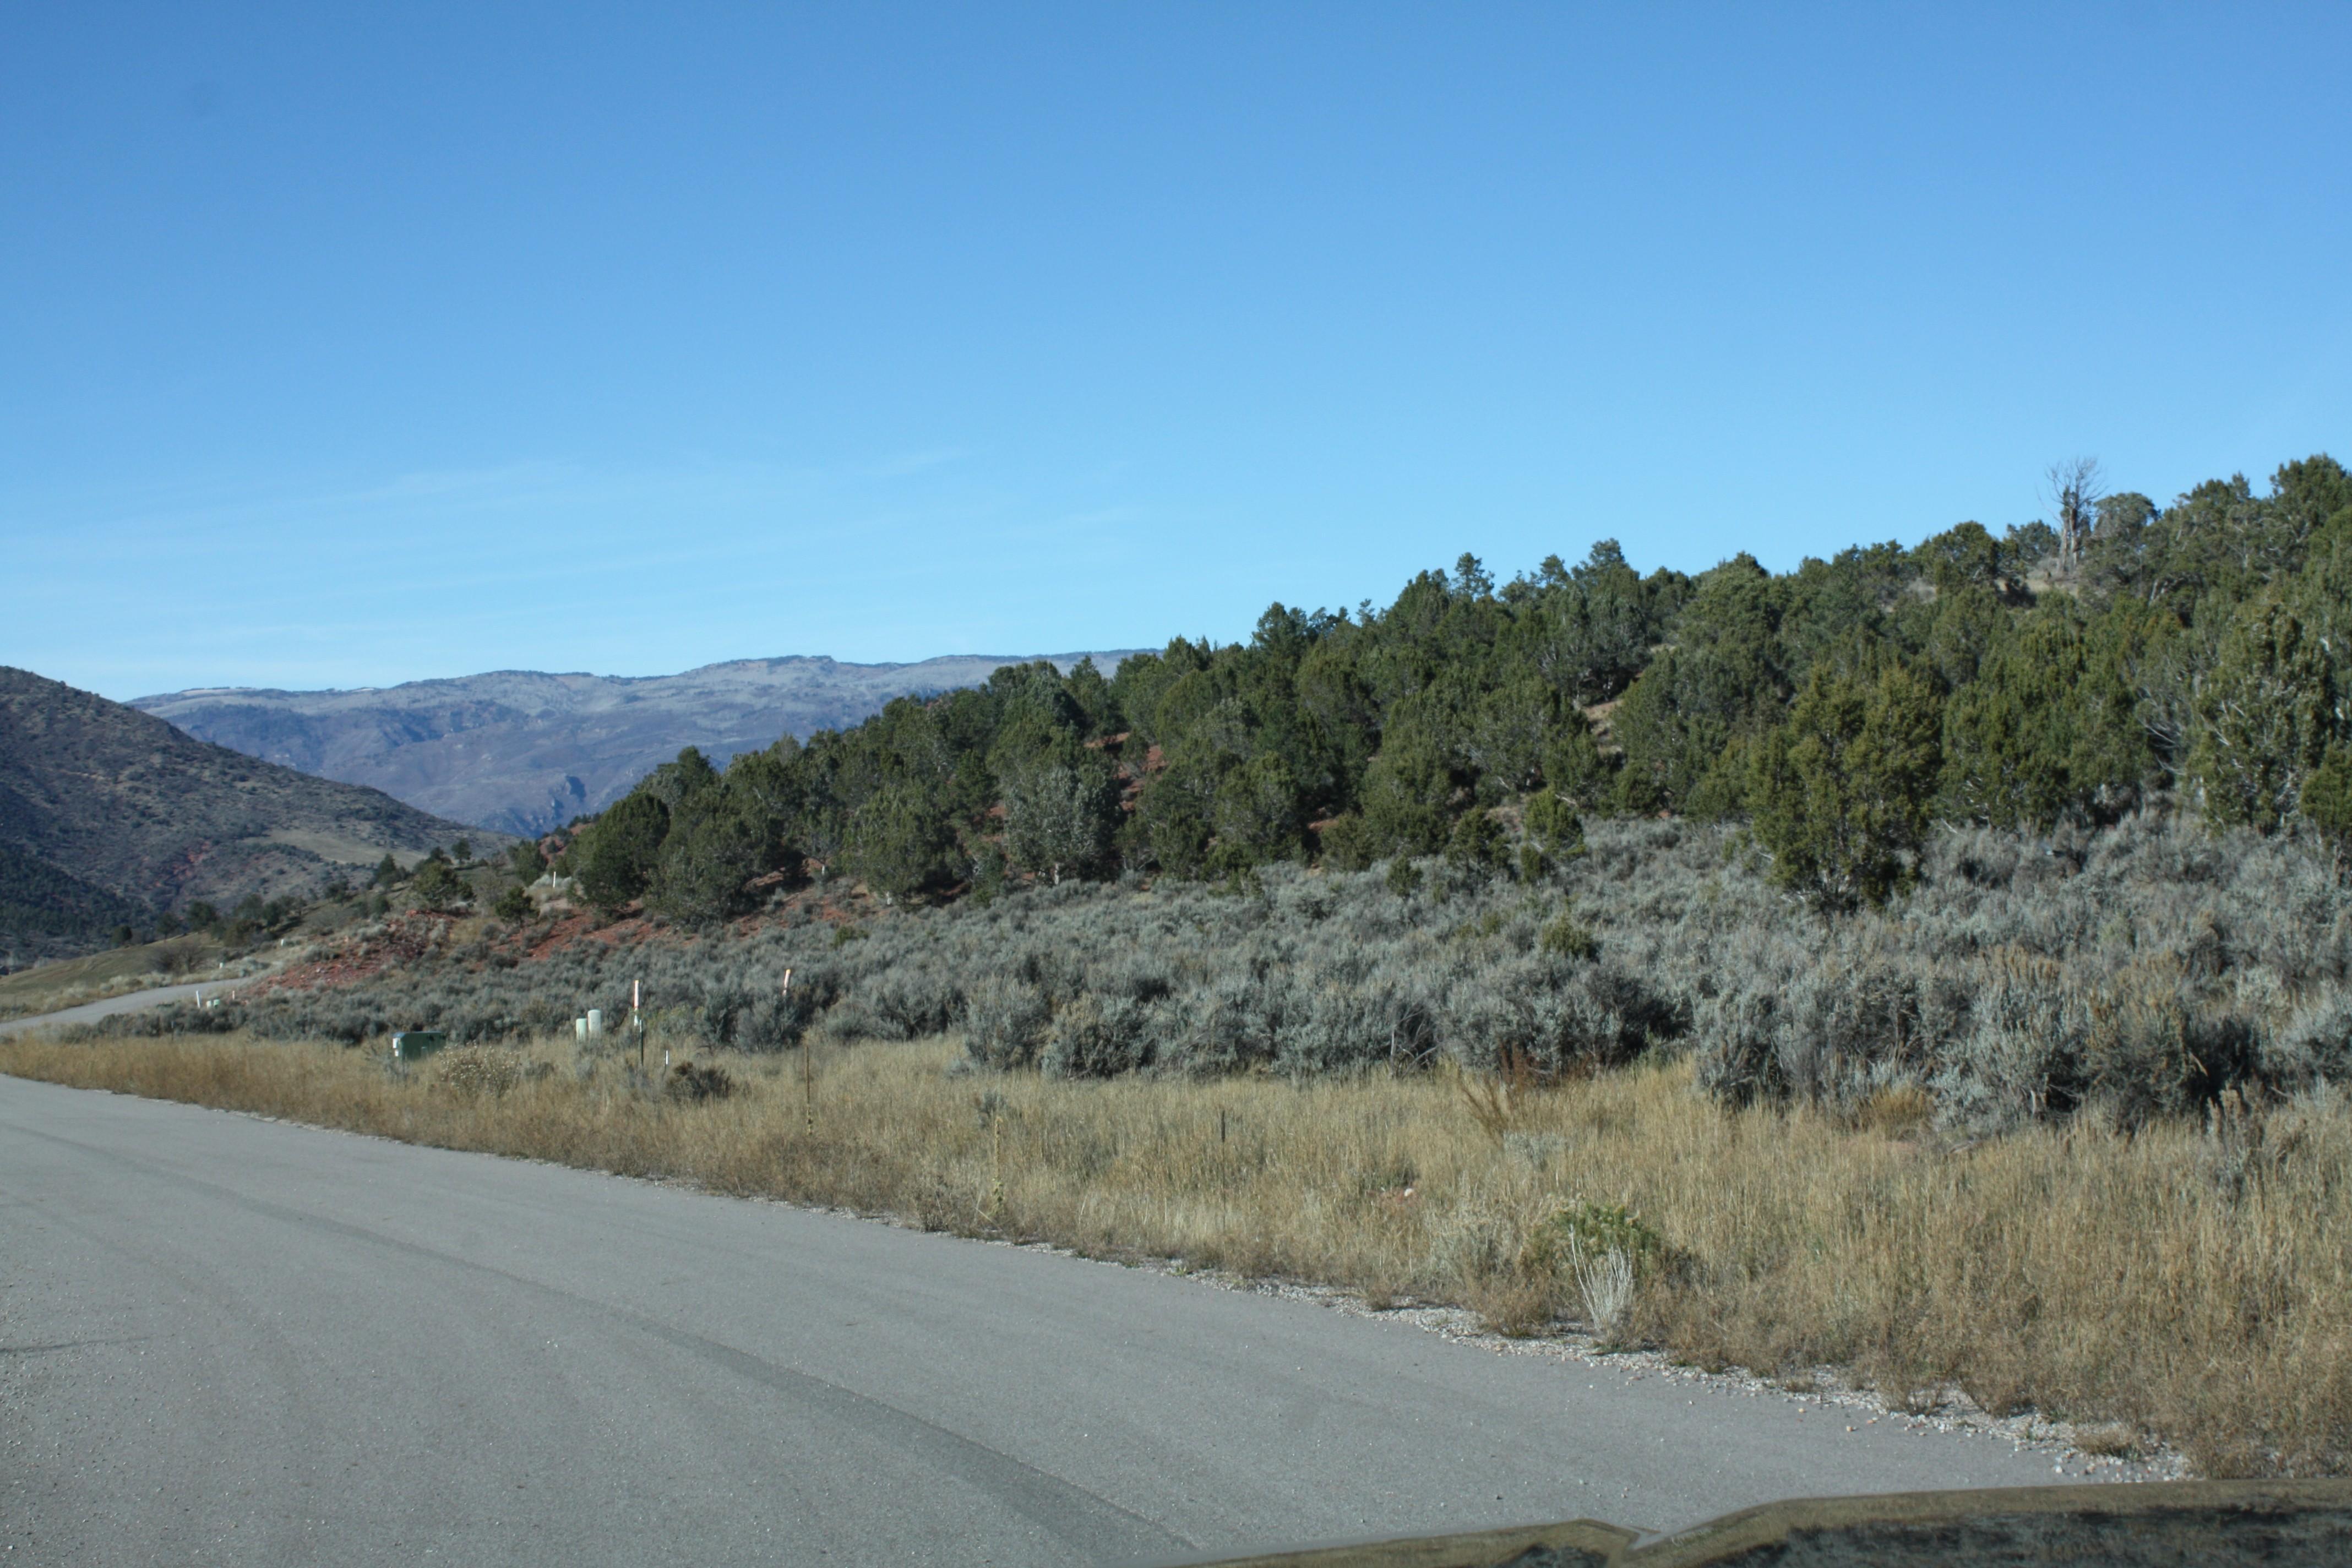 Land for Sale at Lot 57 Springridge Reserve Lot 57 Hidden Valley Glenwood Springs, Colorado, 81601 United States